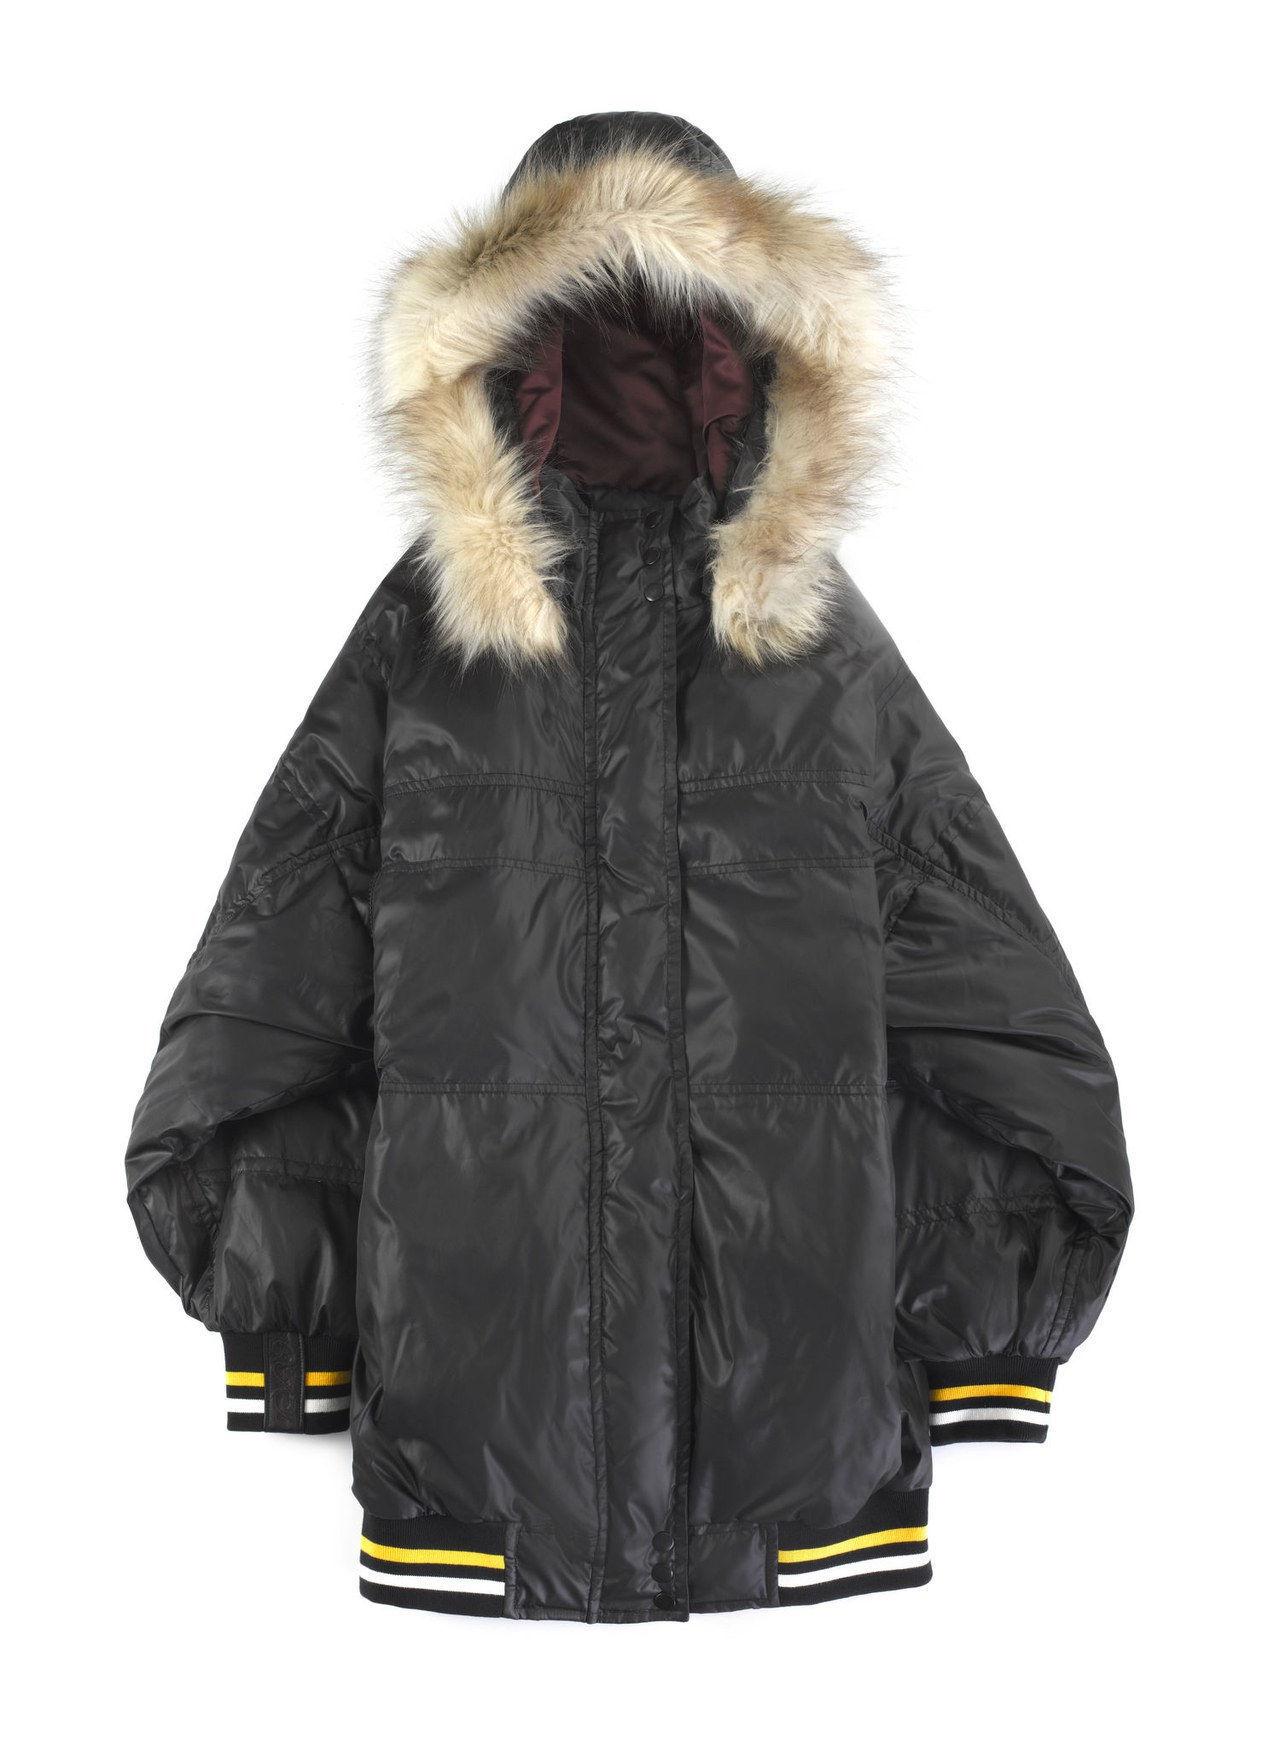 00c1b1763 El amor por la ropa interior de Cara Delevingne es bastante evidente en su  nueva colección DKNY